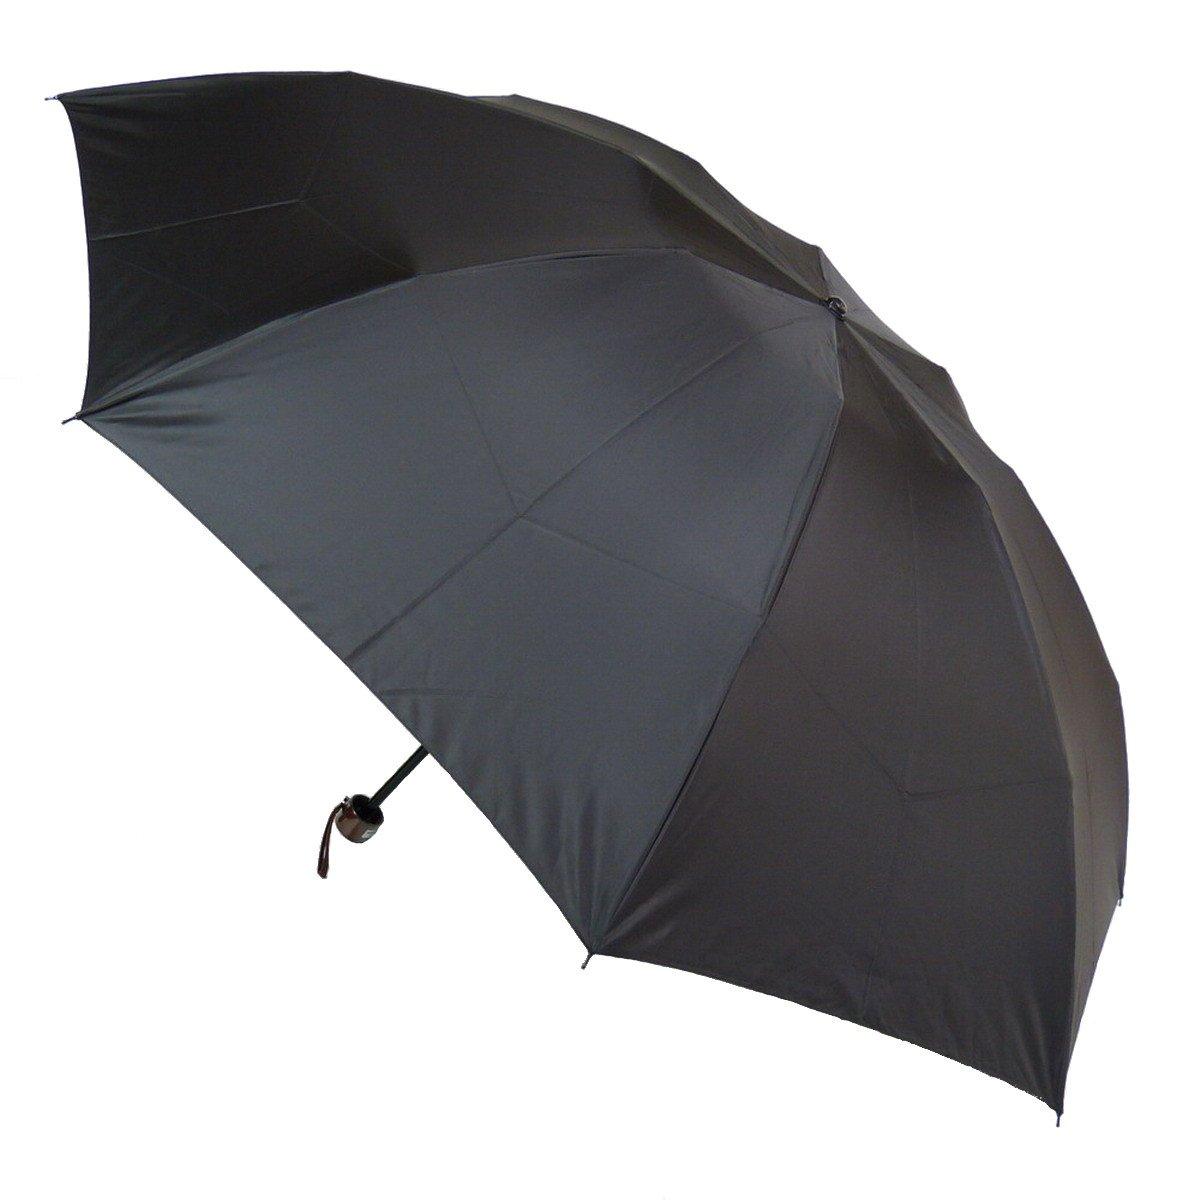 超撥水メンズ三段式折りたたみ雨傘:通勤快滴60ミニ(Advanced Edition) ブラック B00C68IX6W